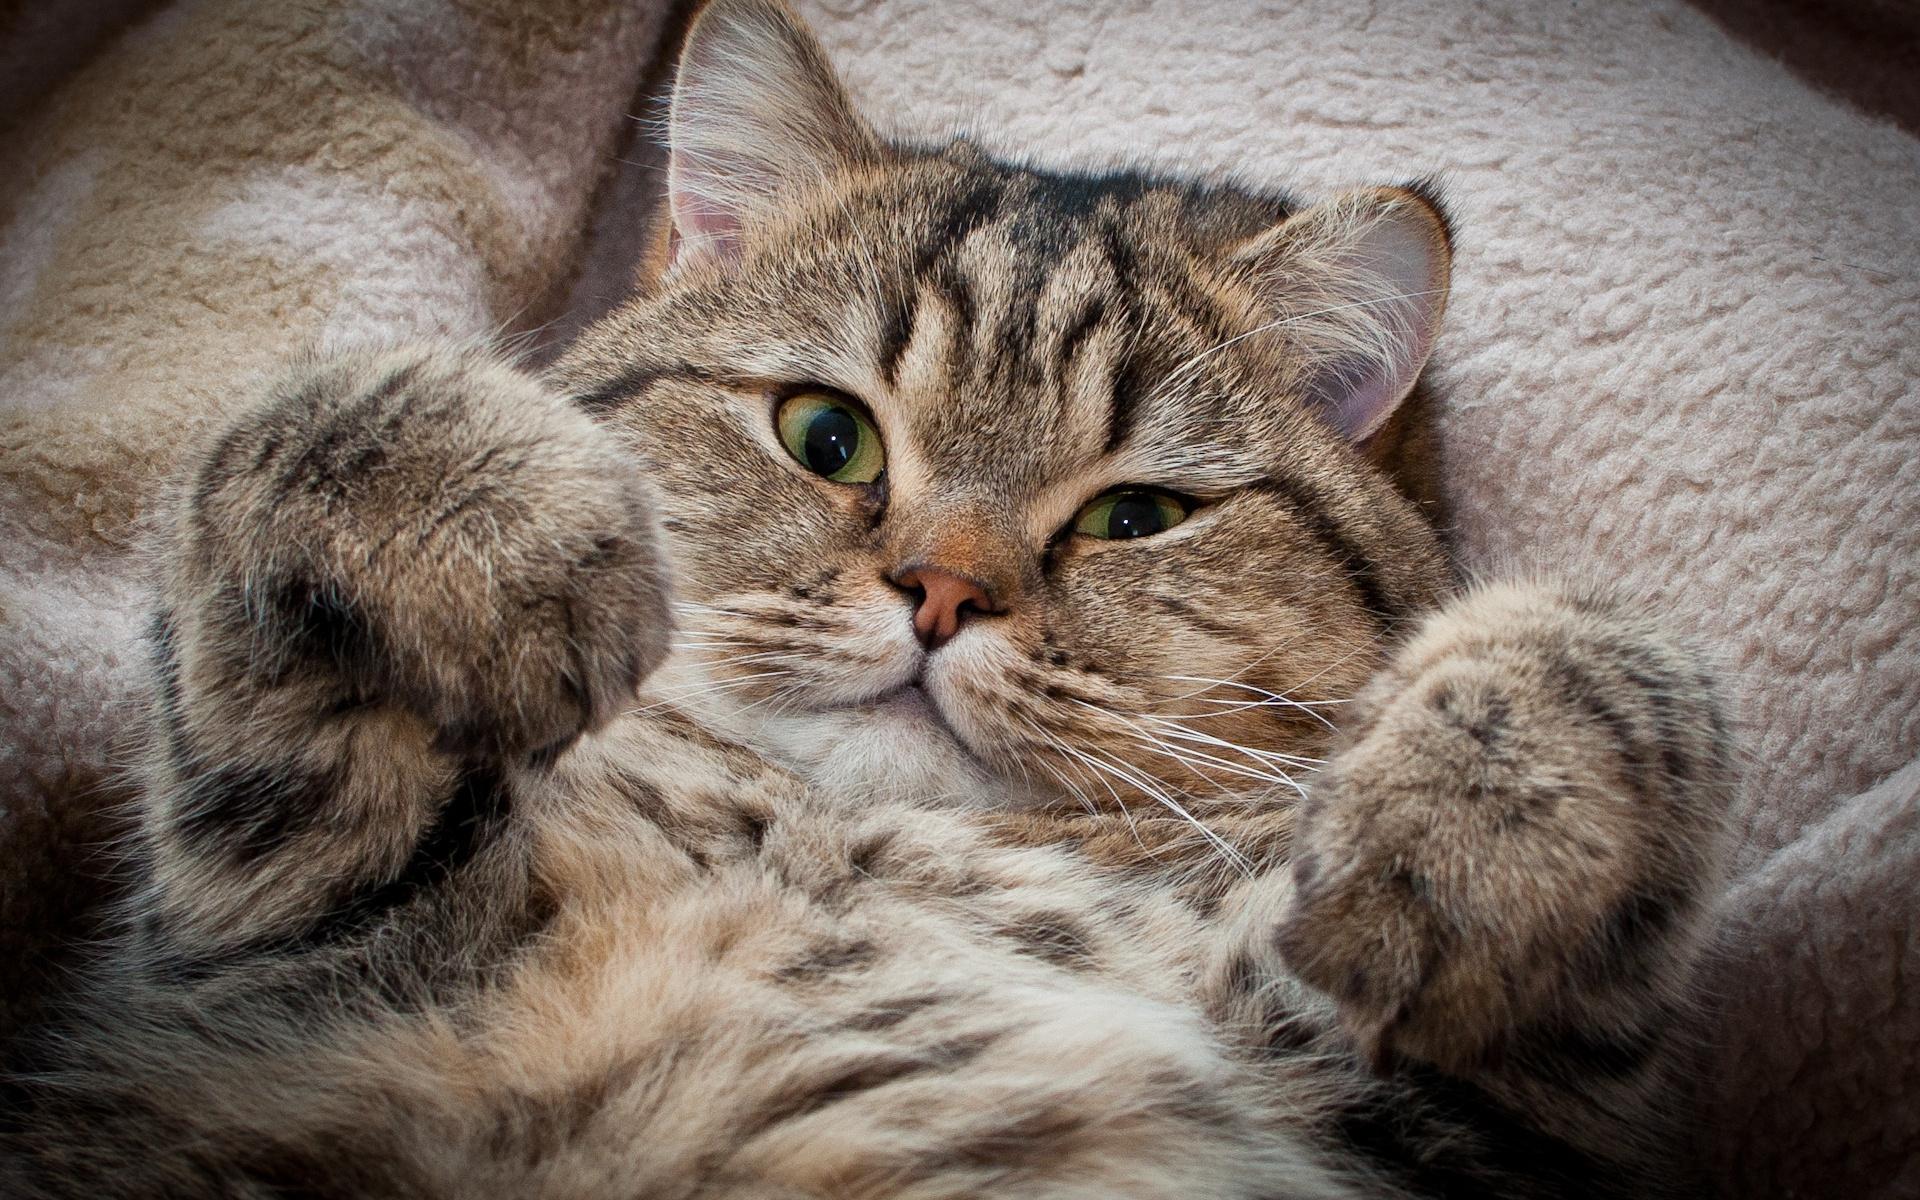 Интересные факты о кошках: удивительные, необычные и забавные факты о домашних котах || Самые необычные факты из жизни кошек